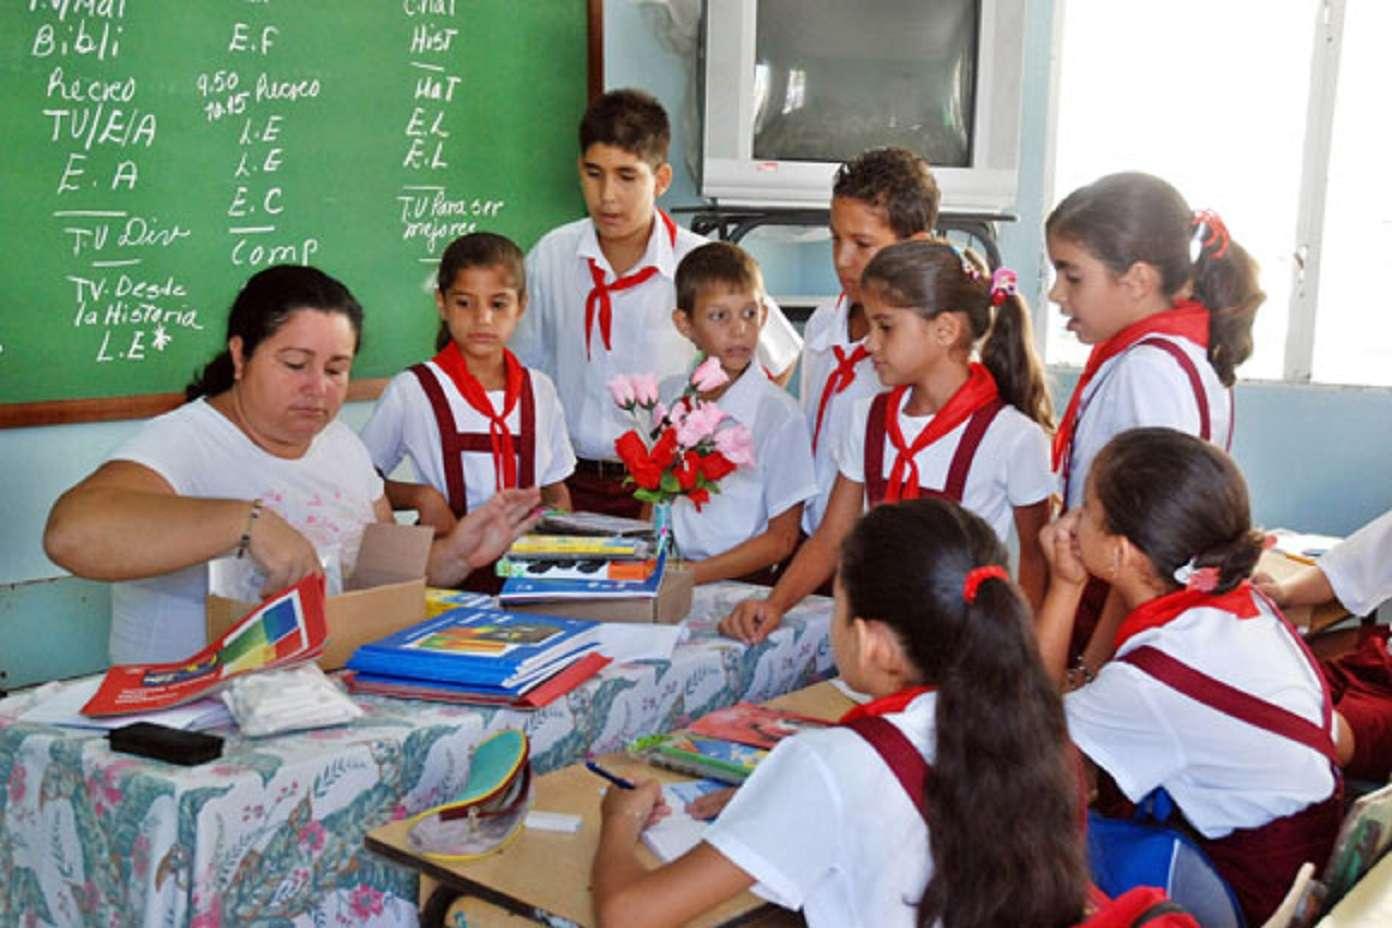 derechos humanos Cuba eduacion